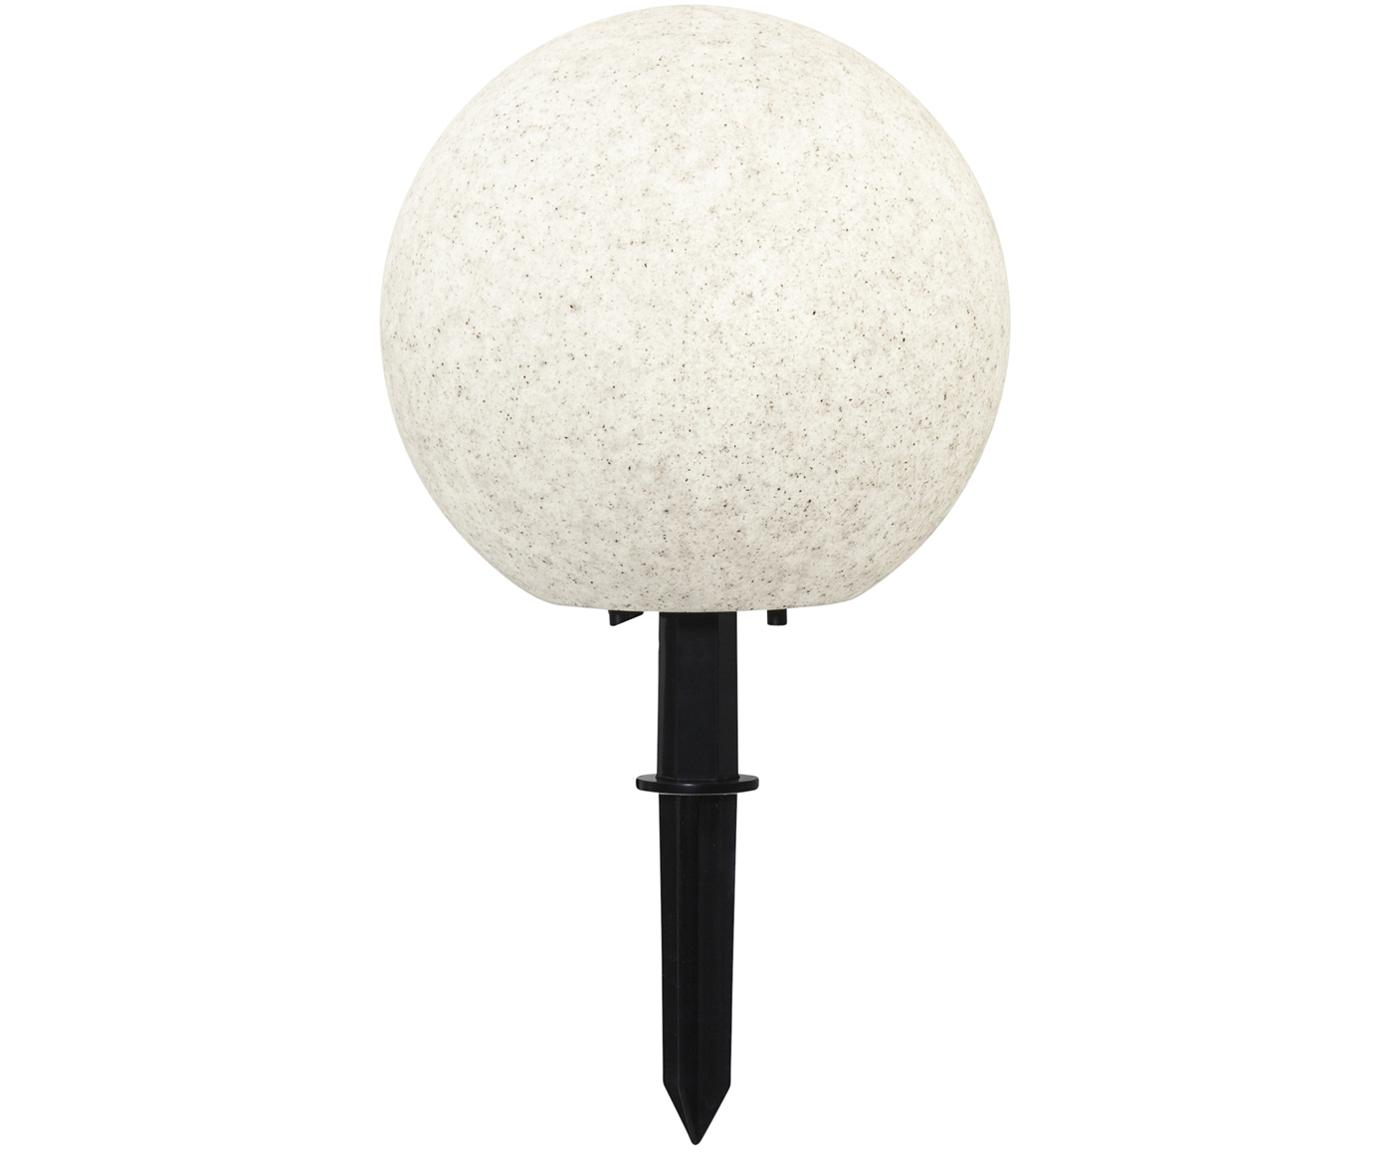 LED Außenleuchte Gardenlight, Kunststoff, Weiß, Schwarz, Ø 29 x H 30 cm